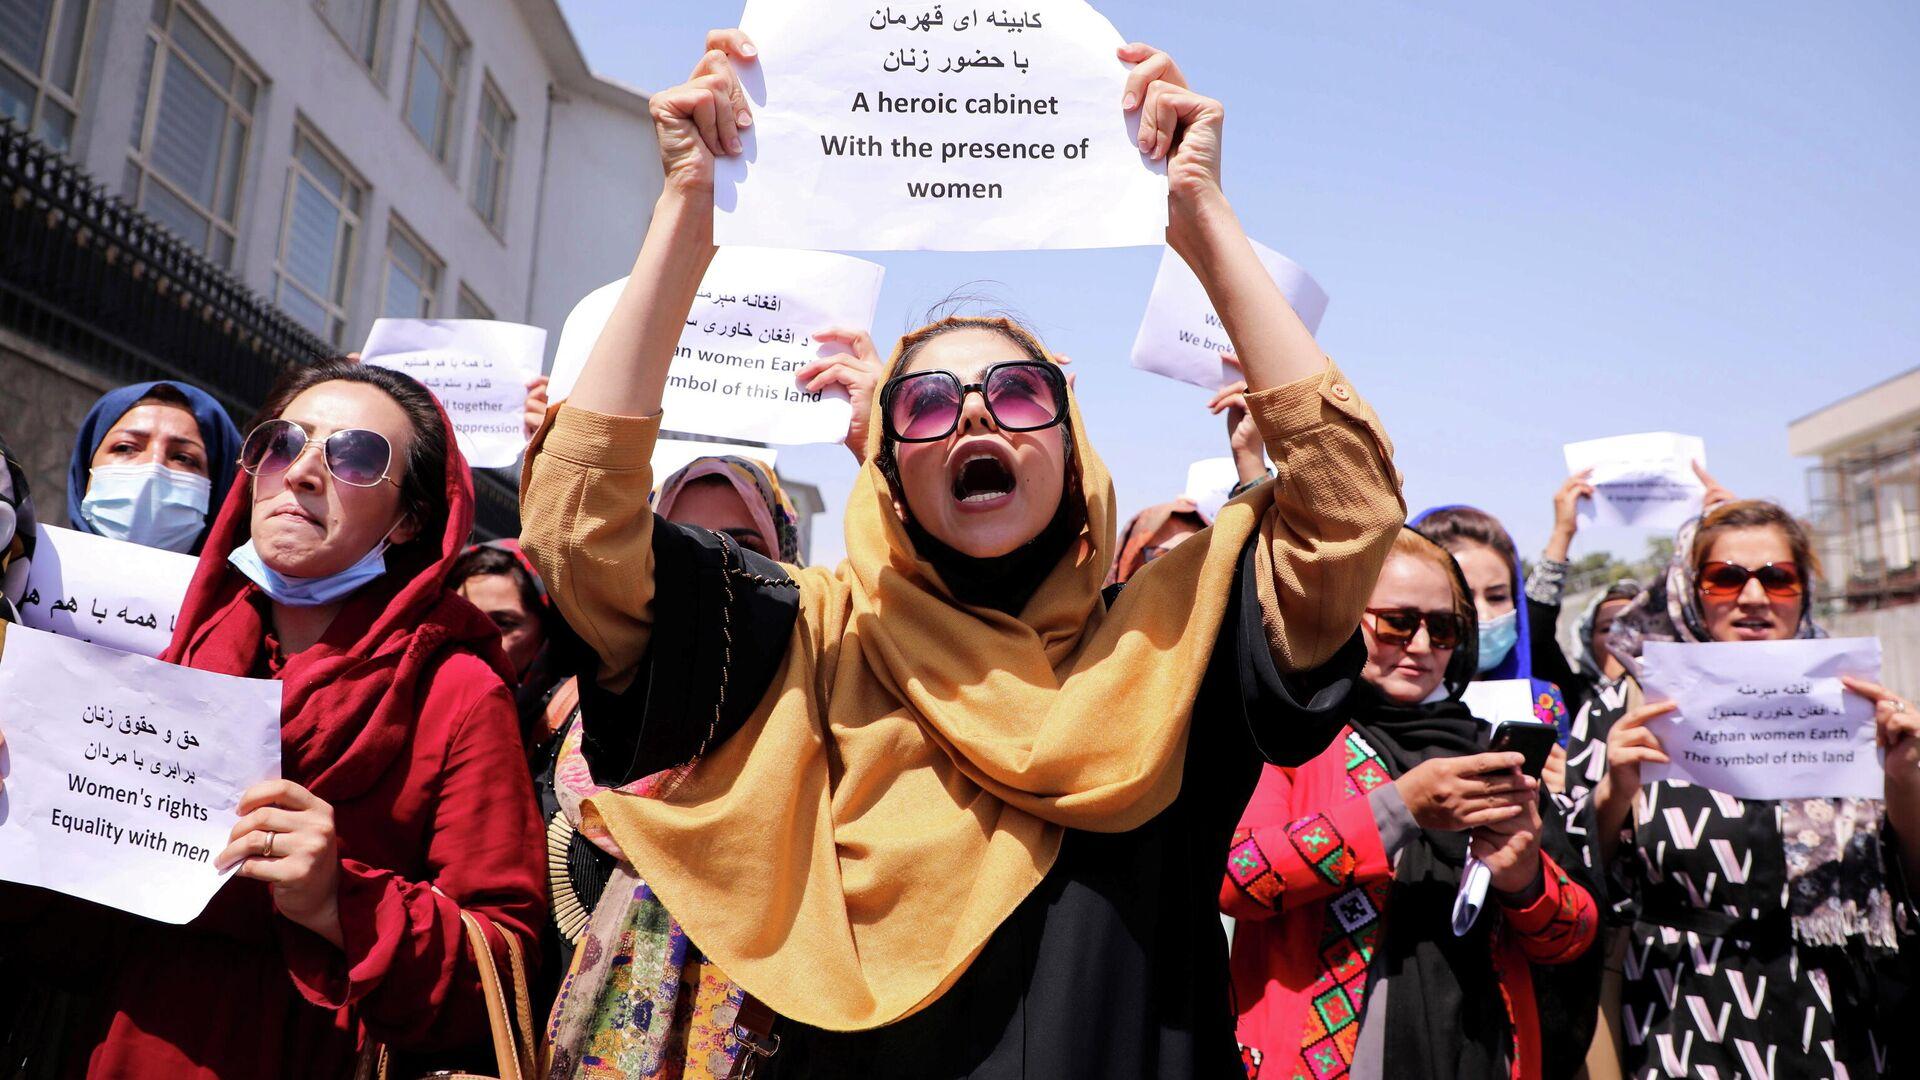 Una manifestación por los derechos de las mujeres en Kabul - Sputnik Mundo, 1920, 03.09.2021